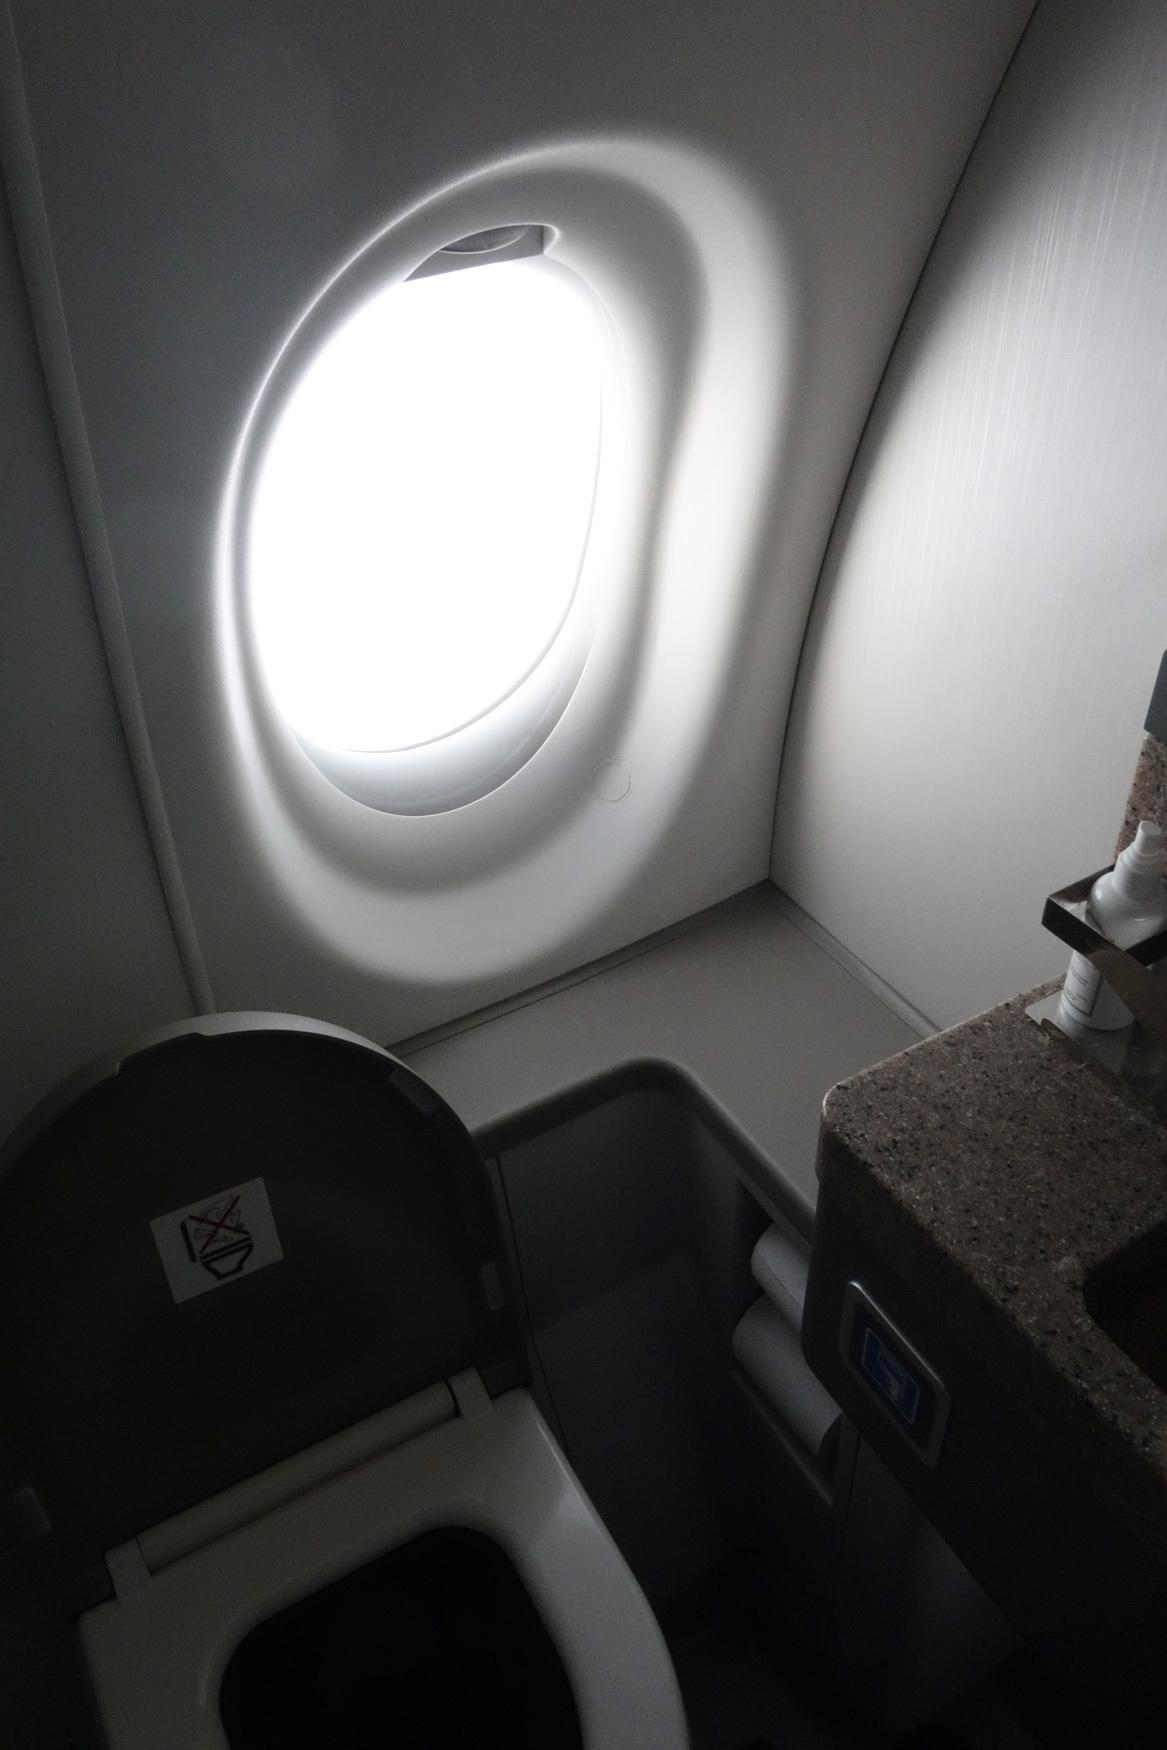 大韓航空 KE710便 羽田ー金浦 B777-300 と KE713便 釜山ー成田 A220-300 エコノミークラスの機内食と機材 2019年4月 ソウル・大田・釜山の旅(1)_f0117059_21184151.jpg